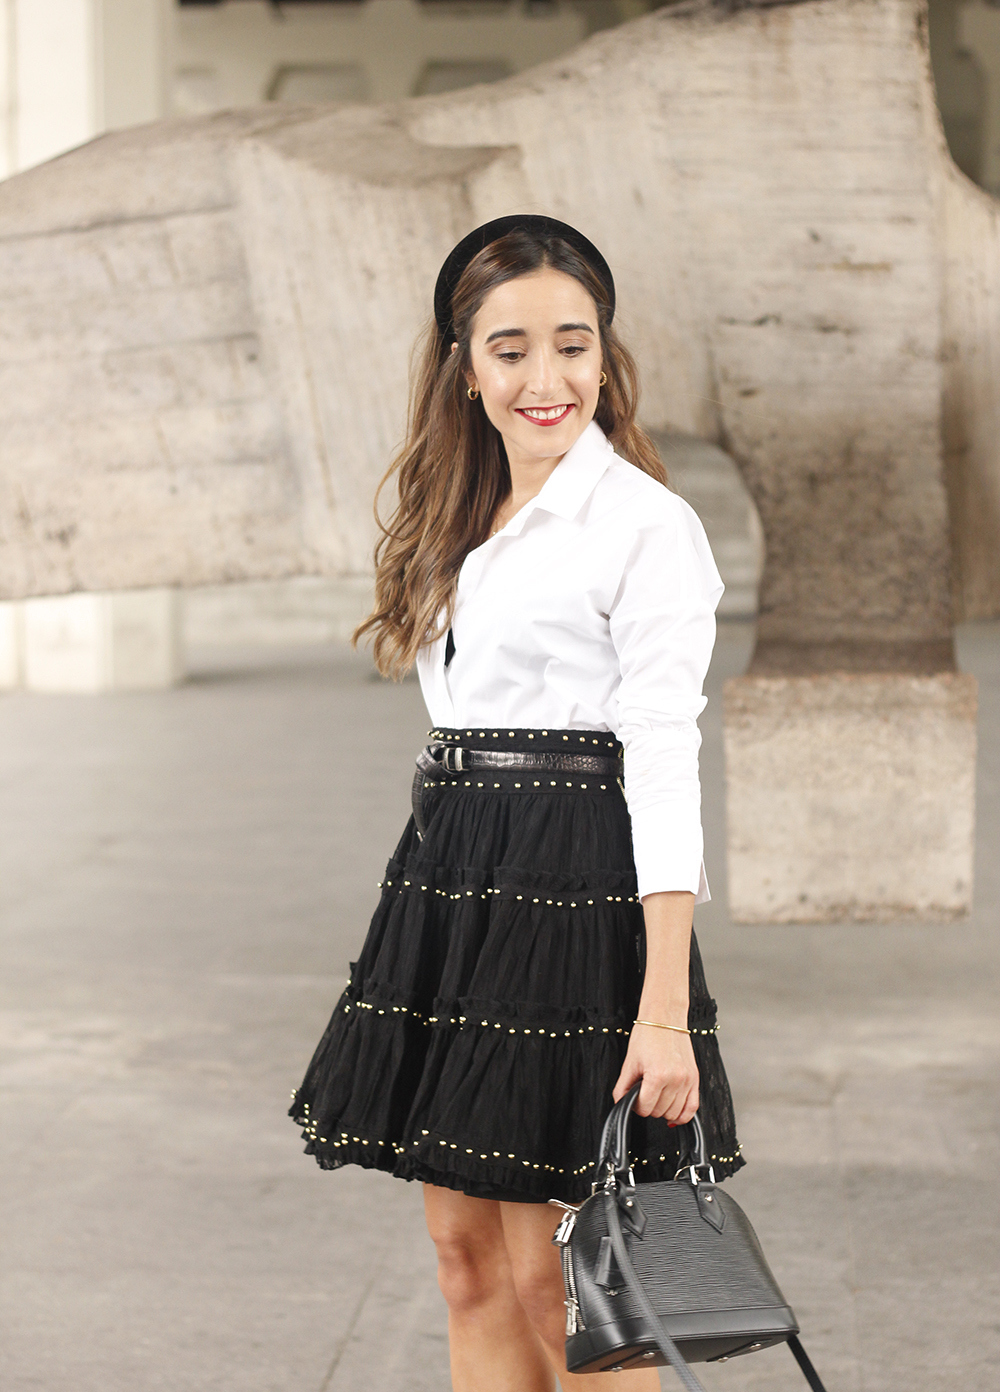 bandeau très preppy falda negra louis vuitton sac style rue outfit12